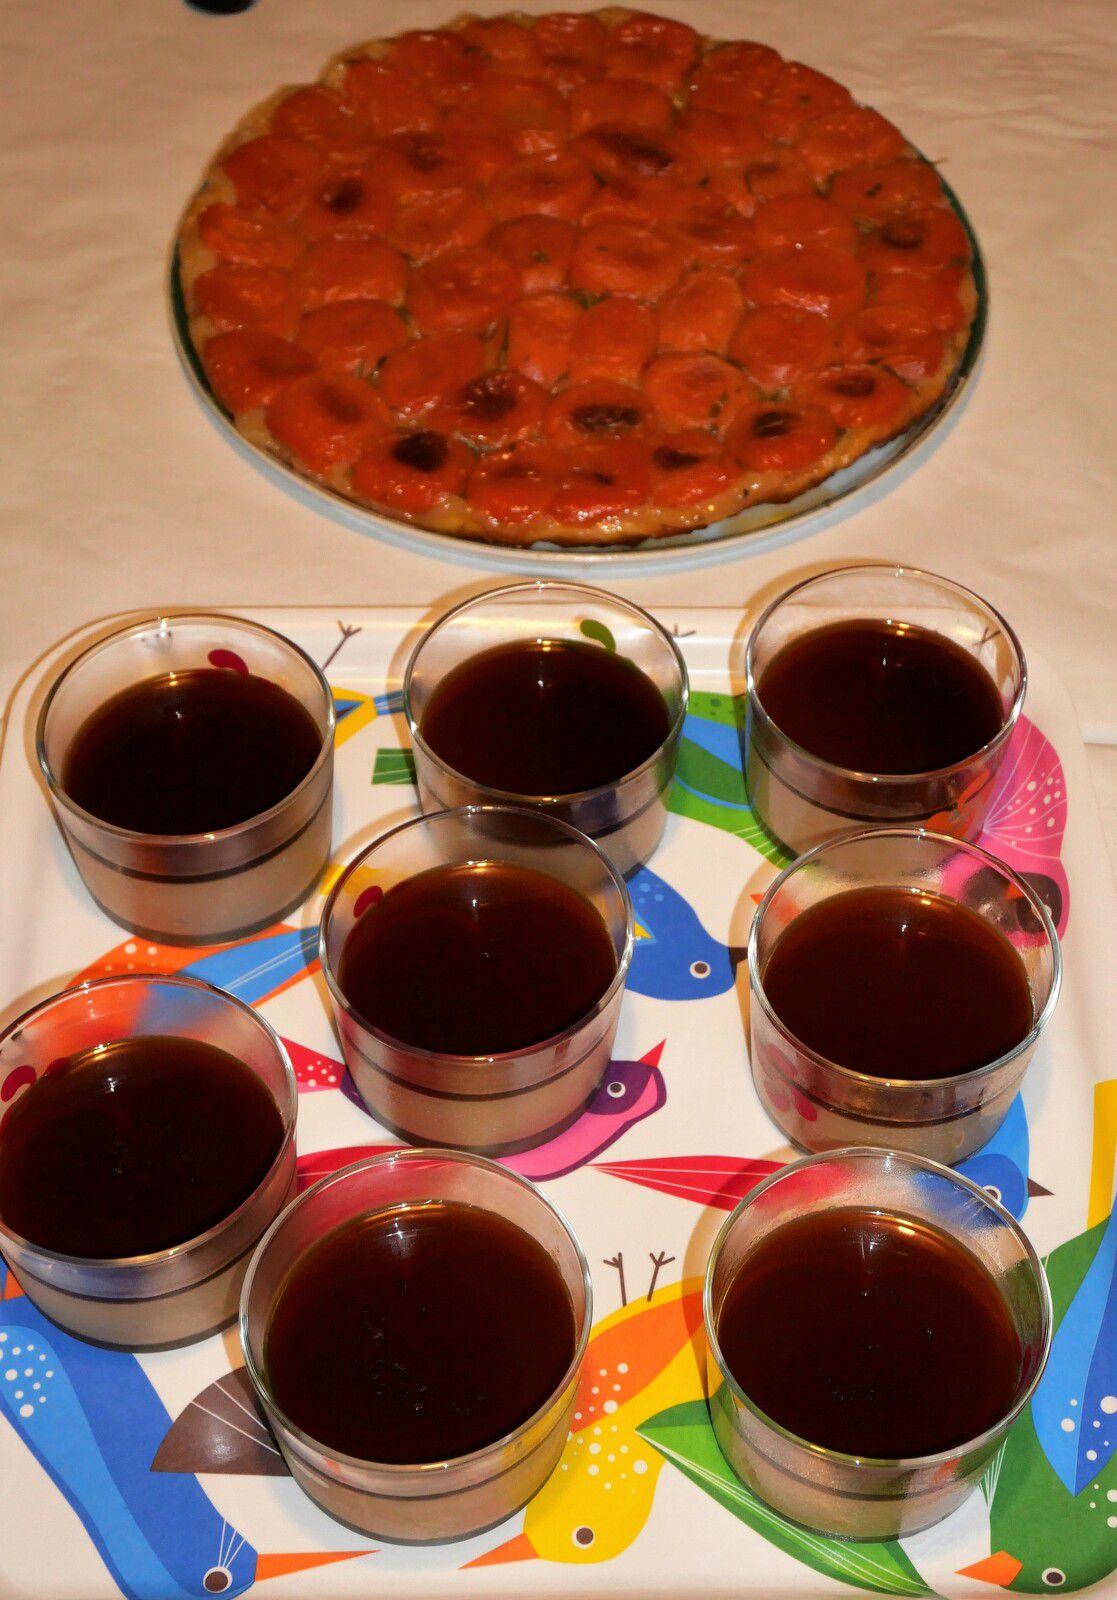 Repas-dégustation avec Champagne Nowack et Moncuit, Vincent Girardin, Verget, Pibarnon, Clos du caillou et La Mordorée